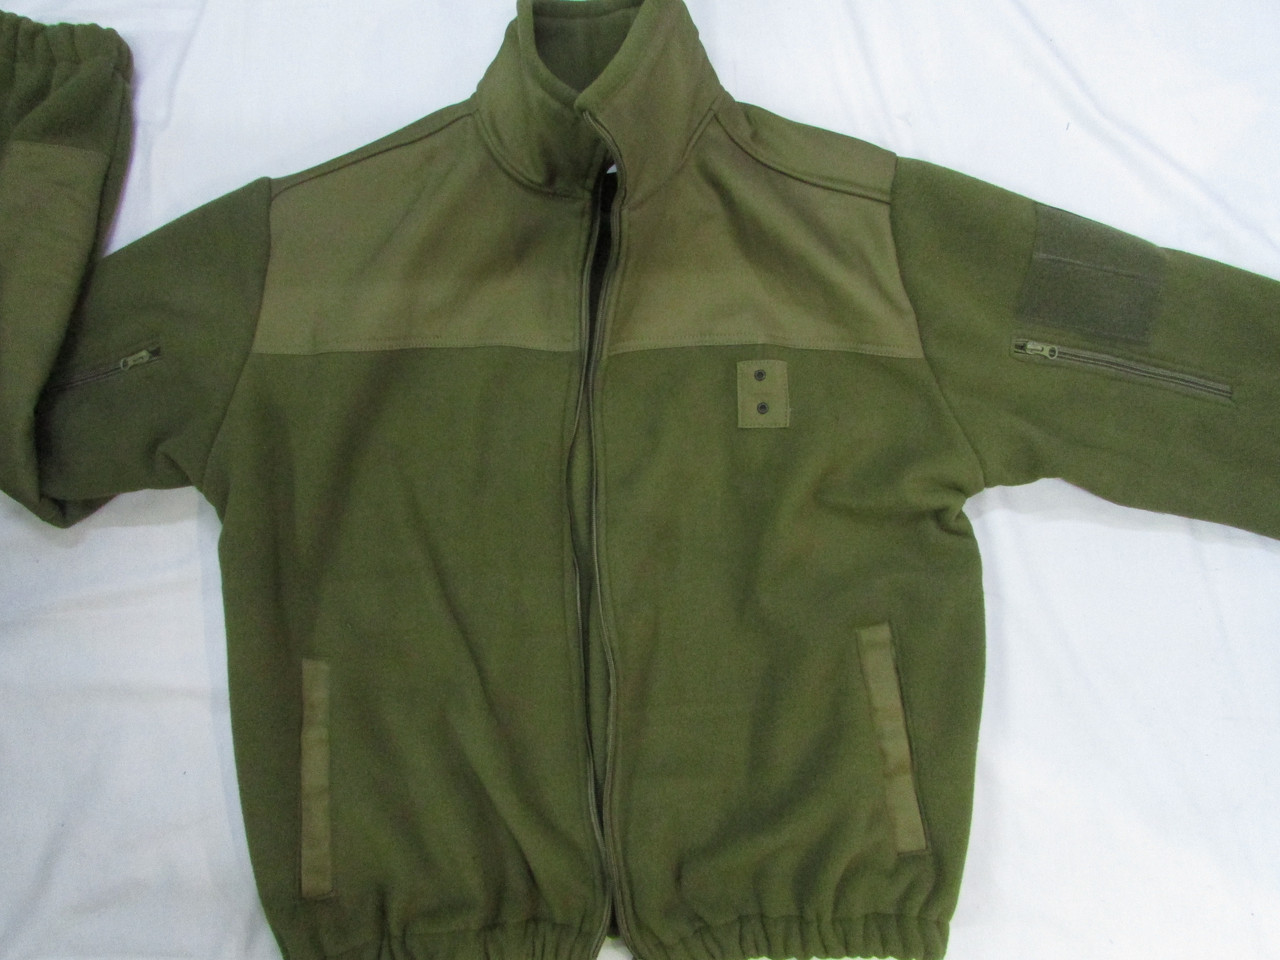 Кофта флисовая хаки milt-3/2 с накладками на плечах и локтях для военнослужащих